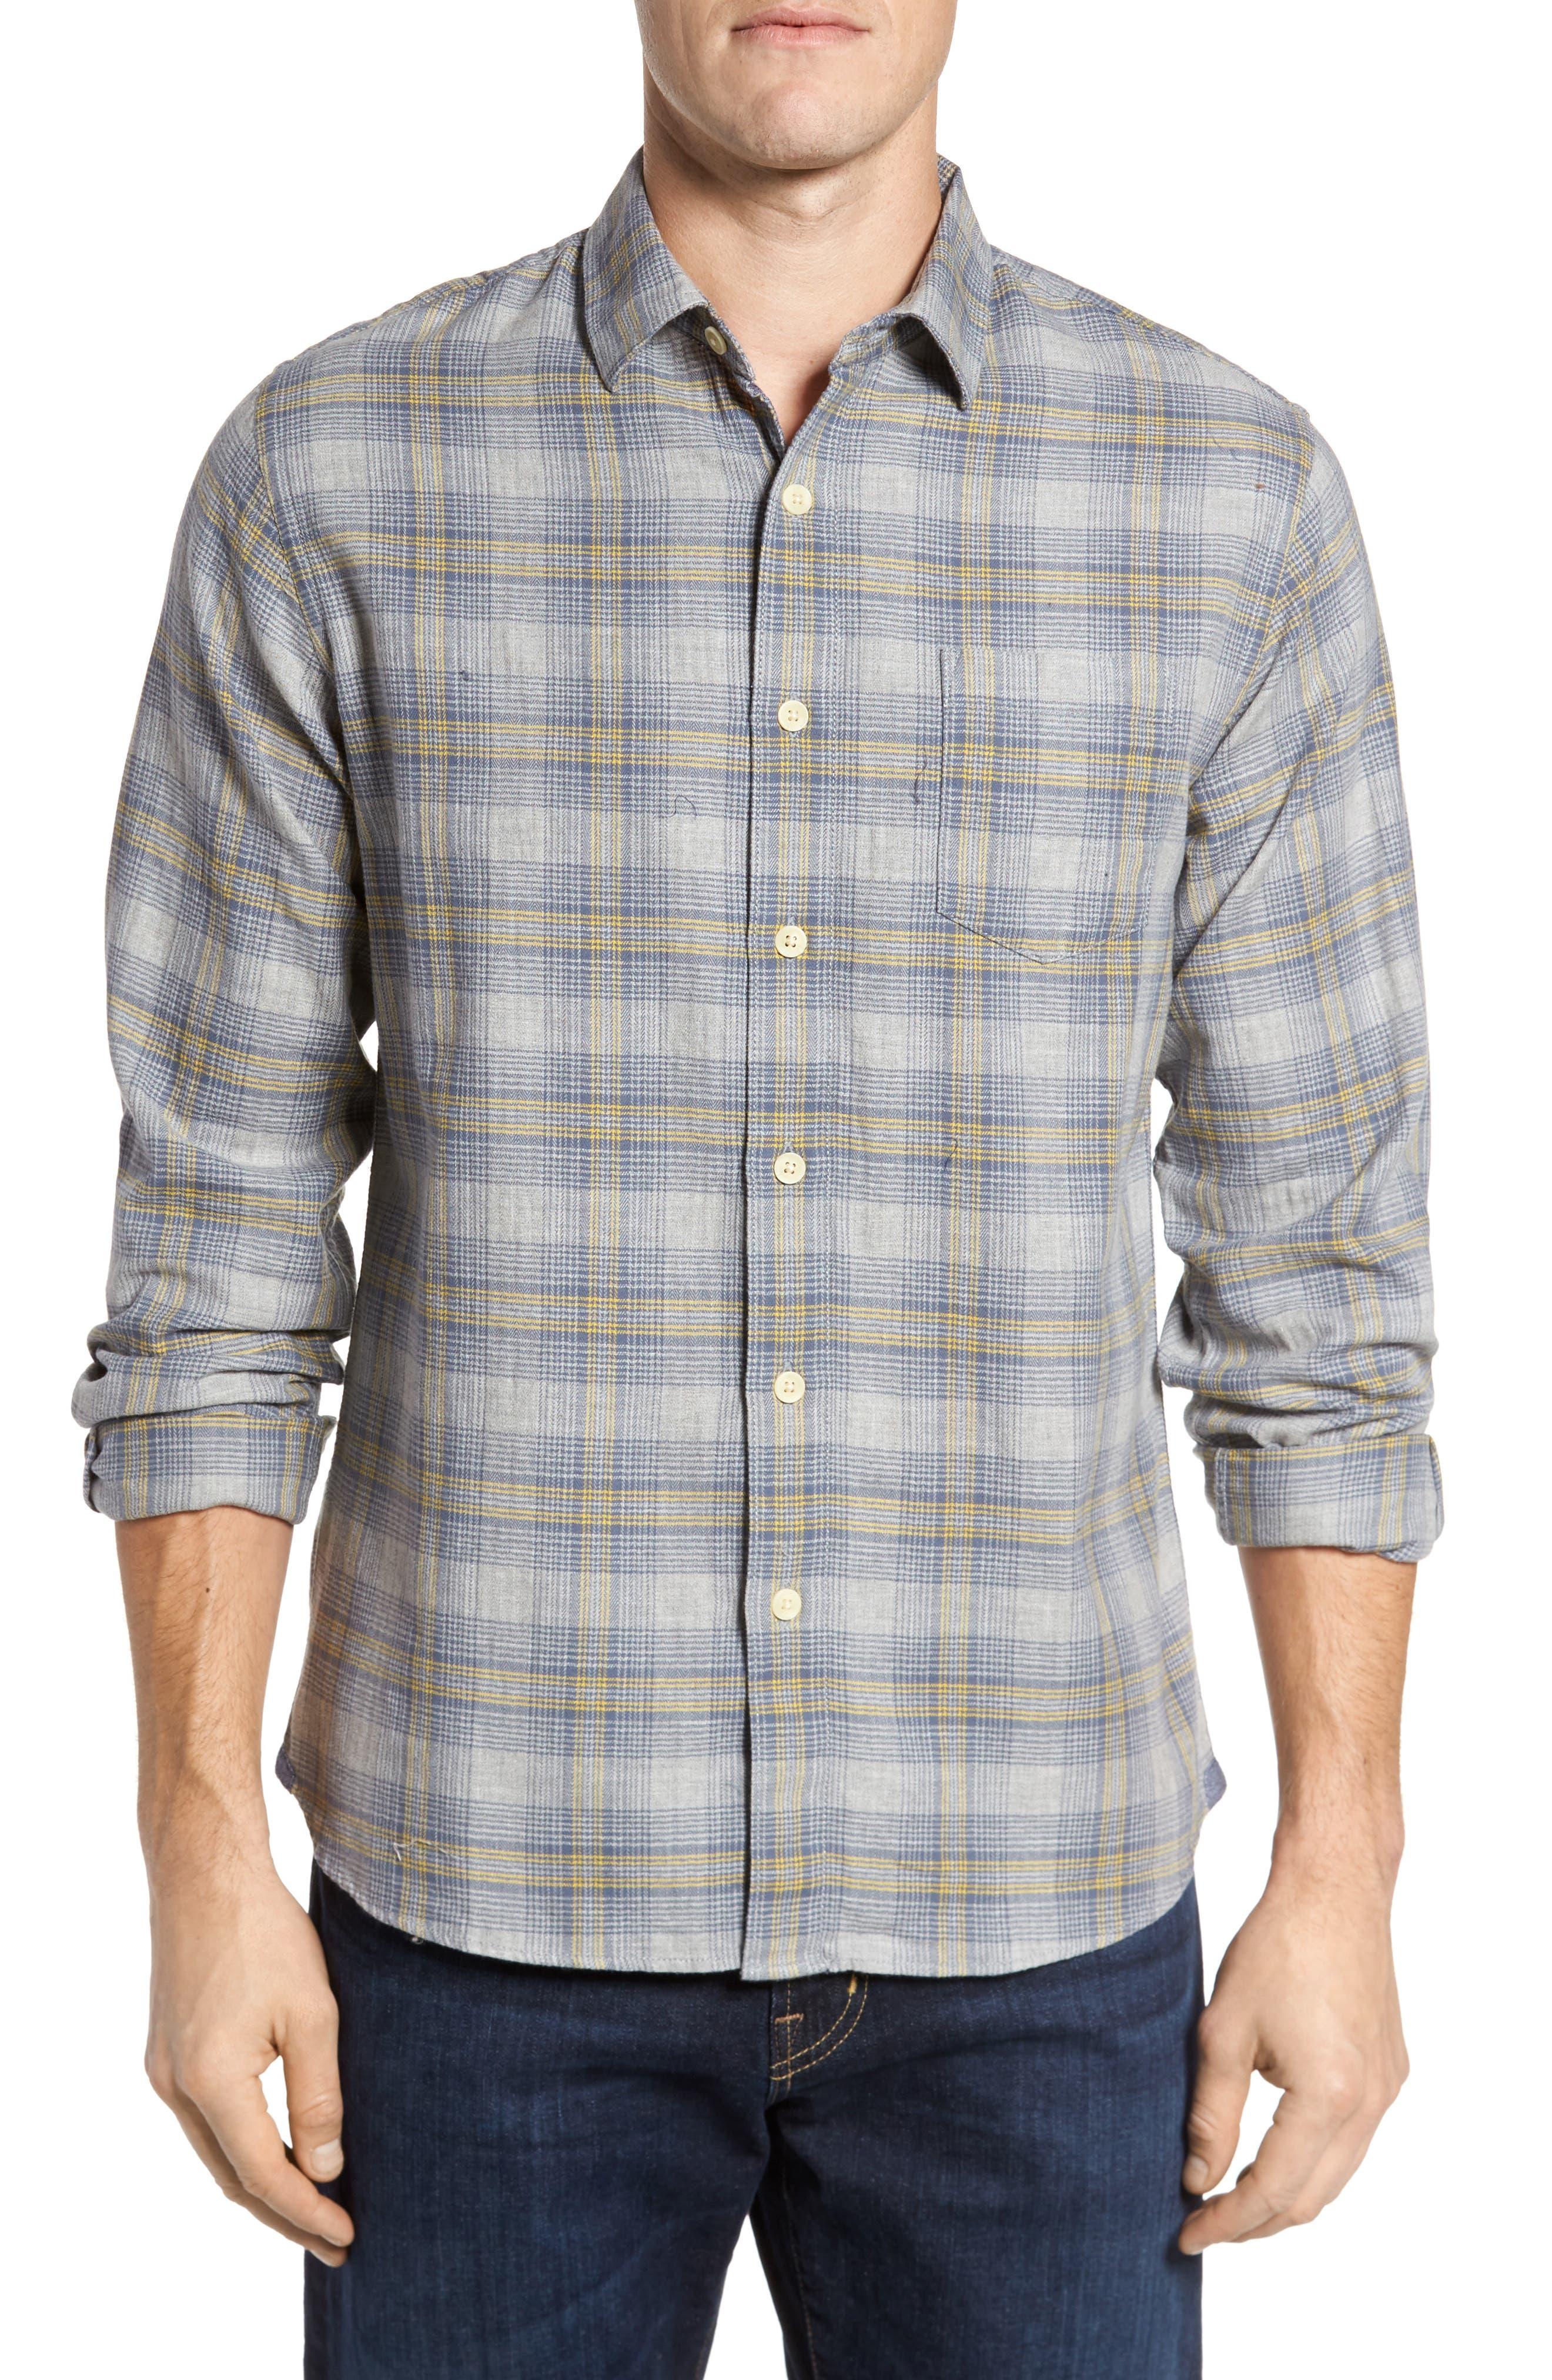 Laugna Herringbone Twill Shirt,                             Main thumbnail 1, color,                             032